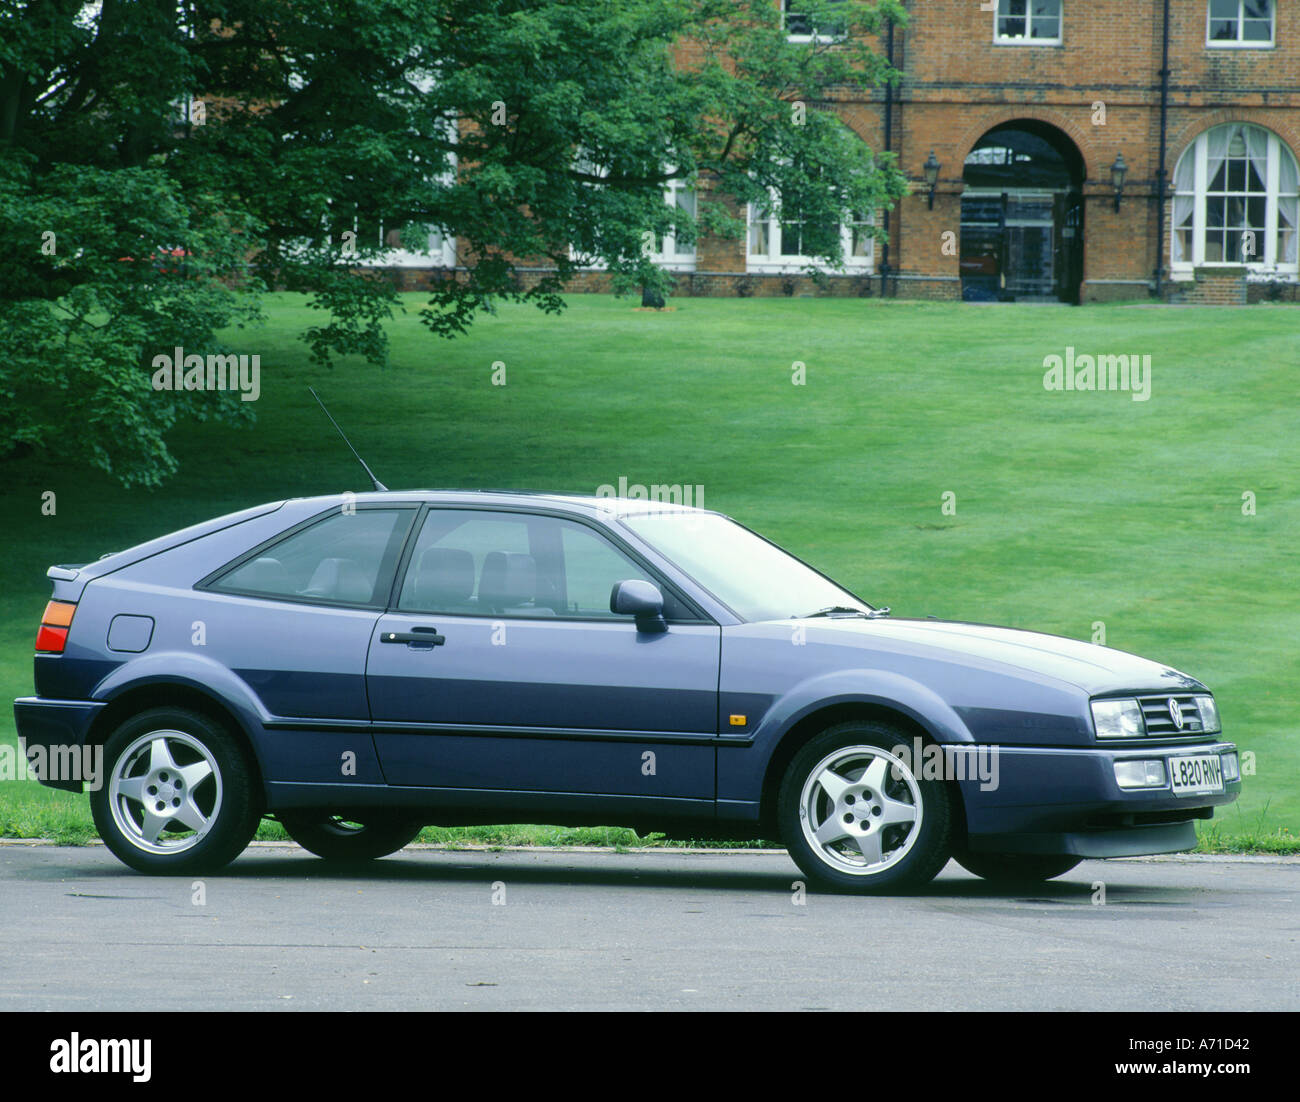 1994 Volkswagen Corrado VR6 - Stock Image